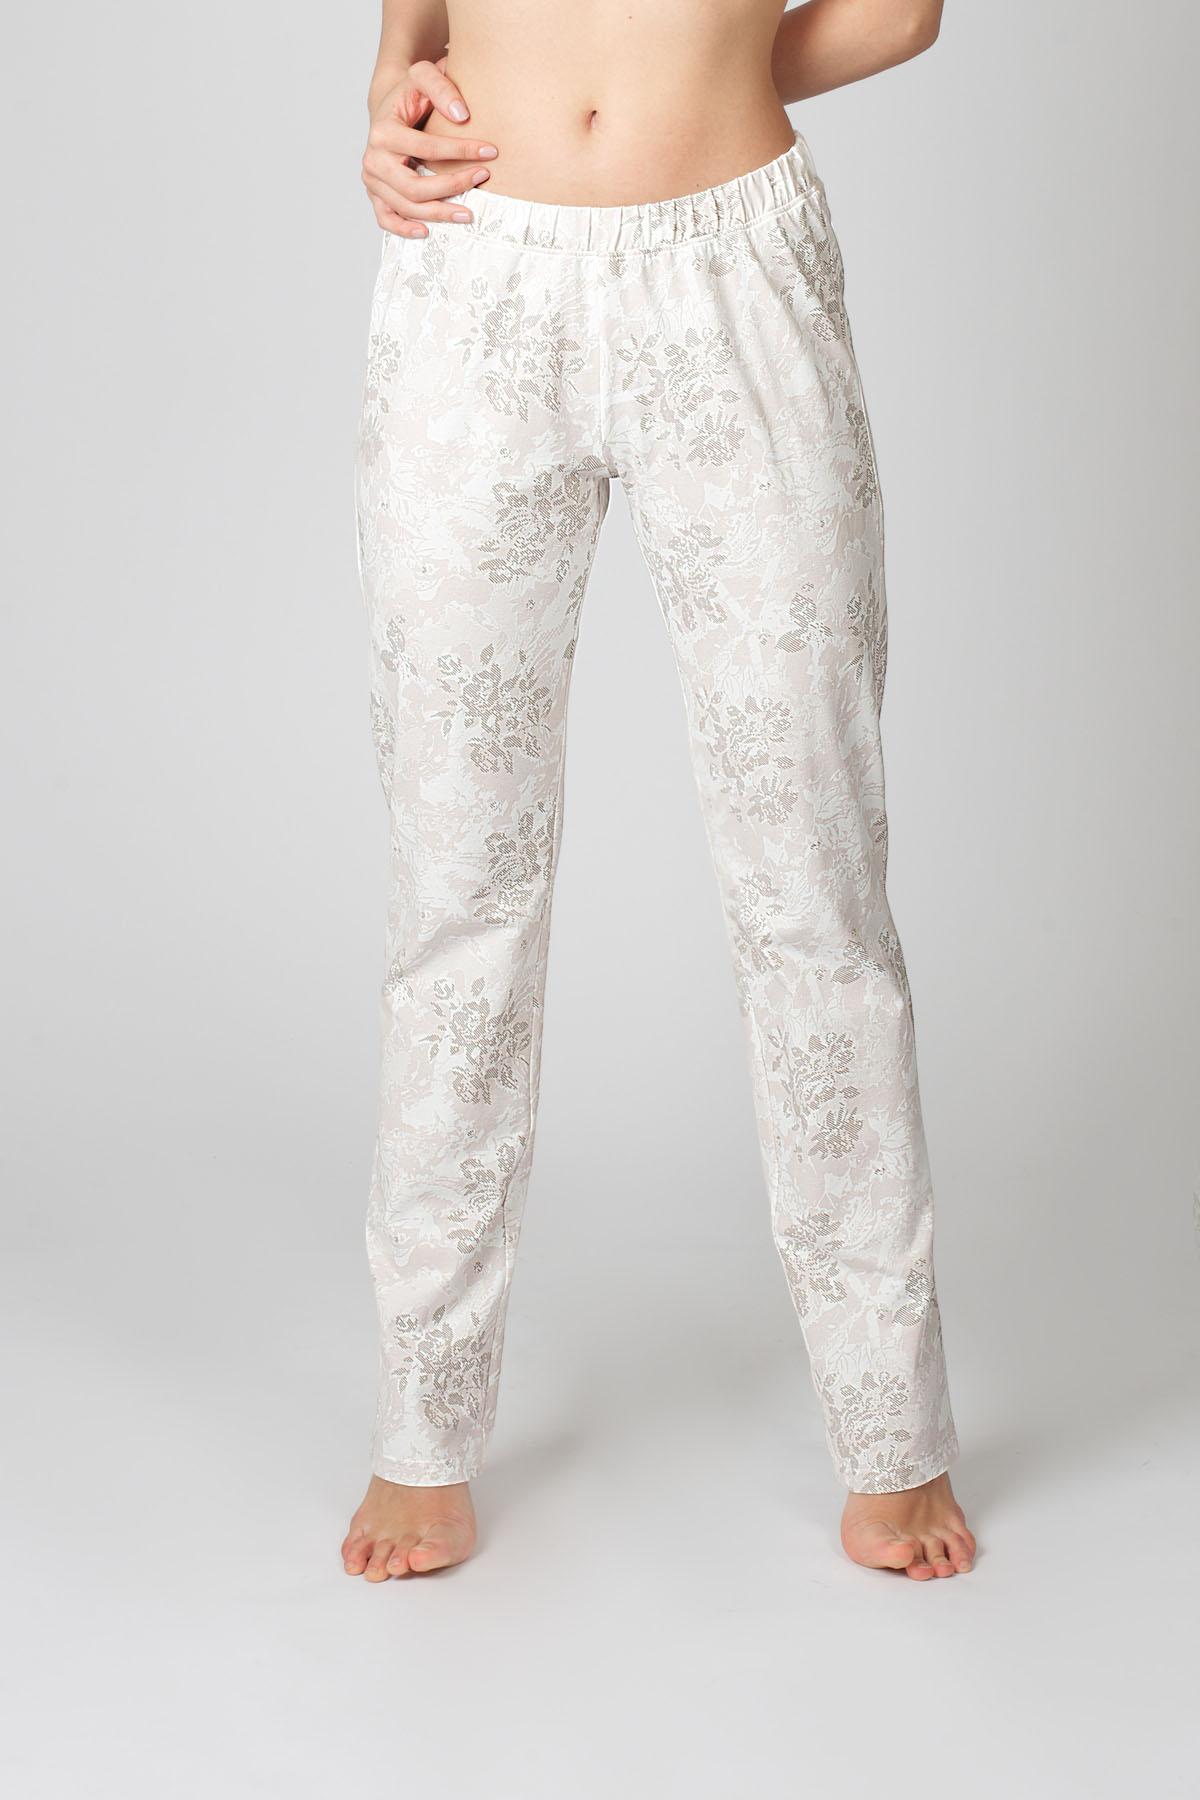 Hays Kadın Lila Desenli Pijama Altı